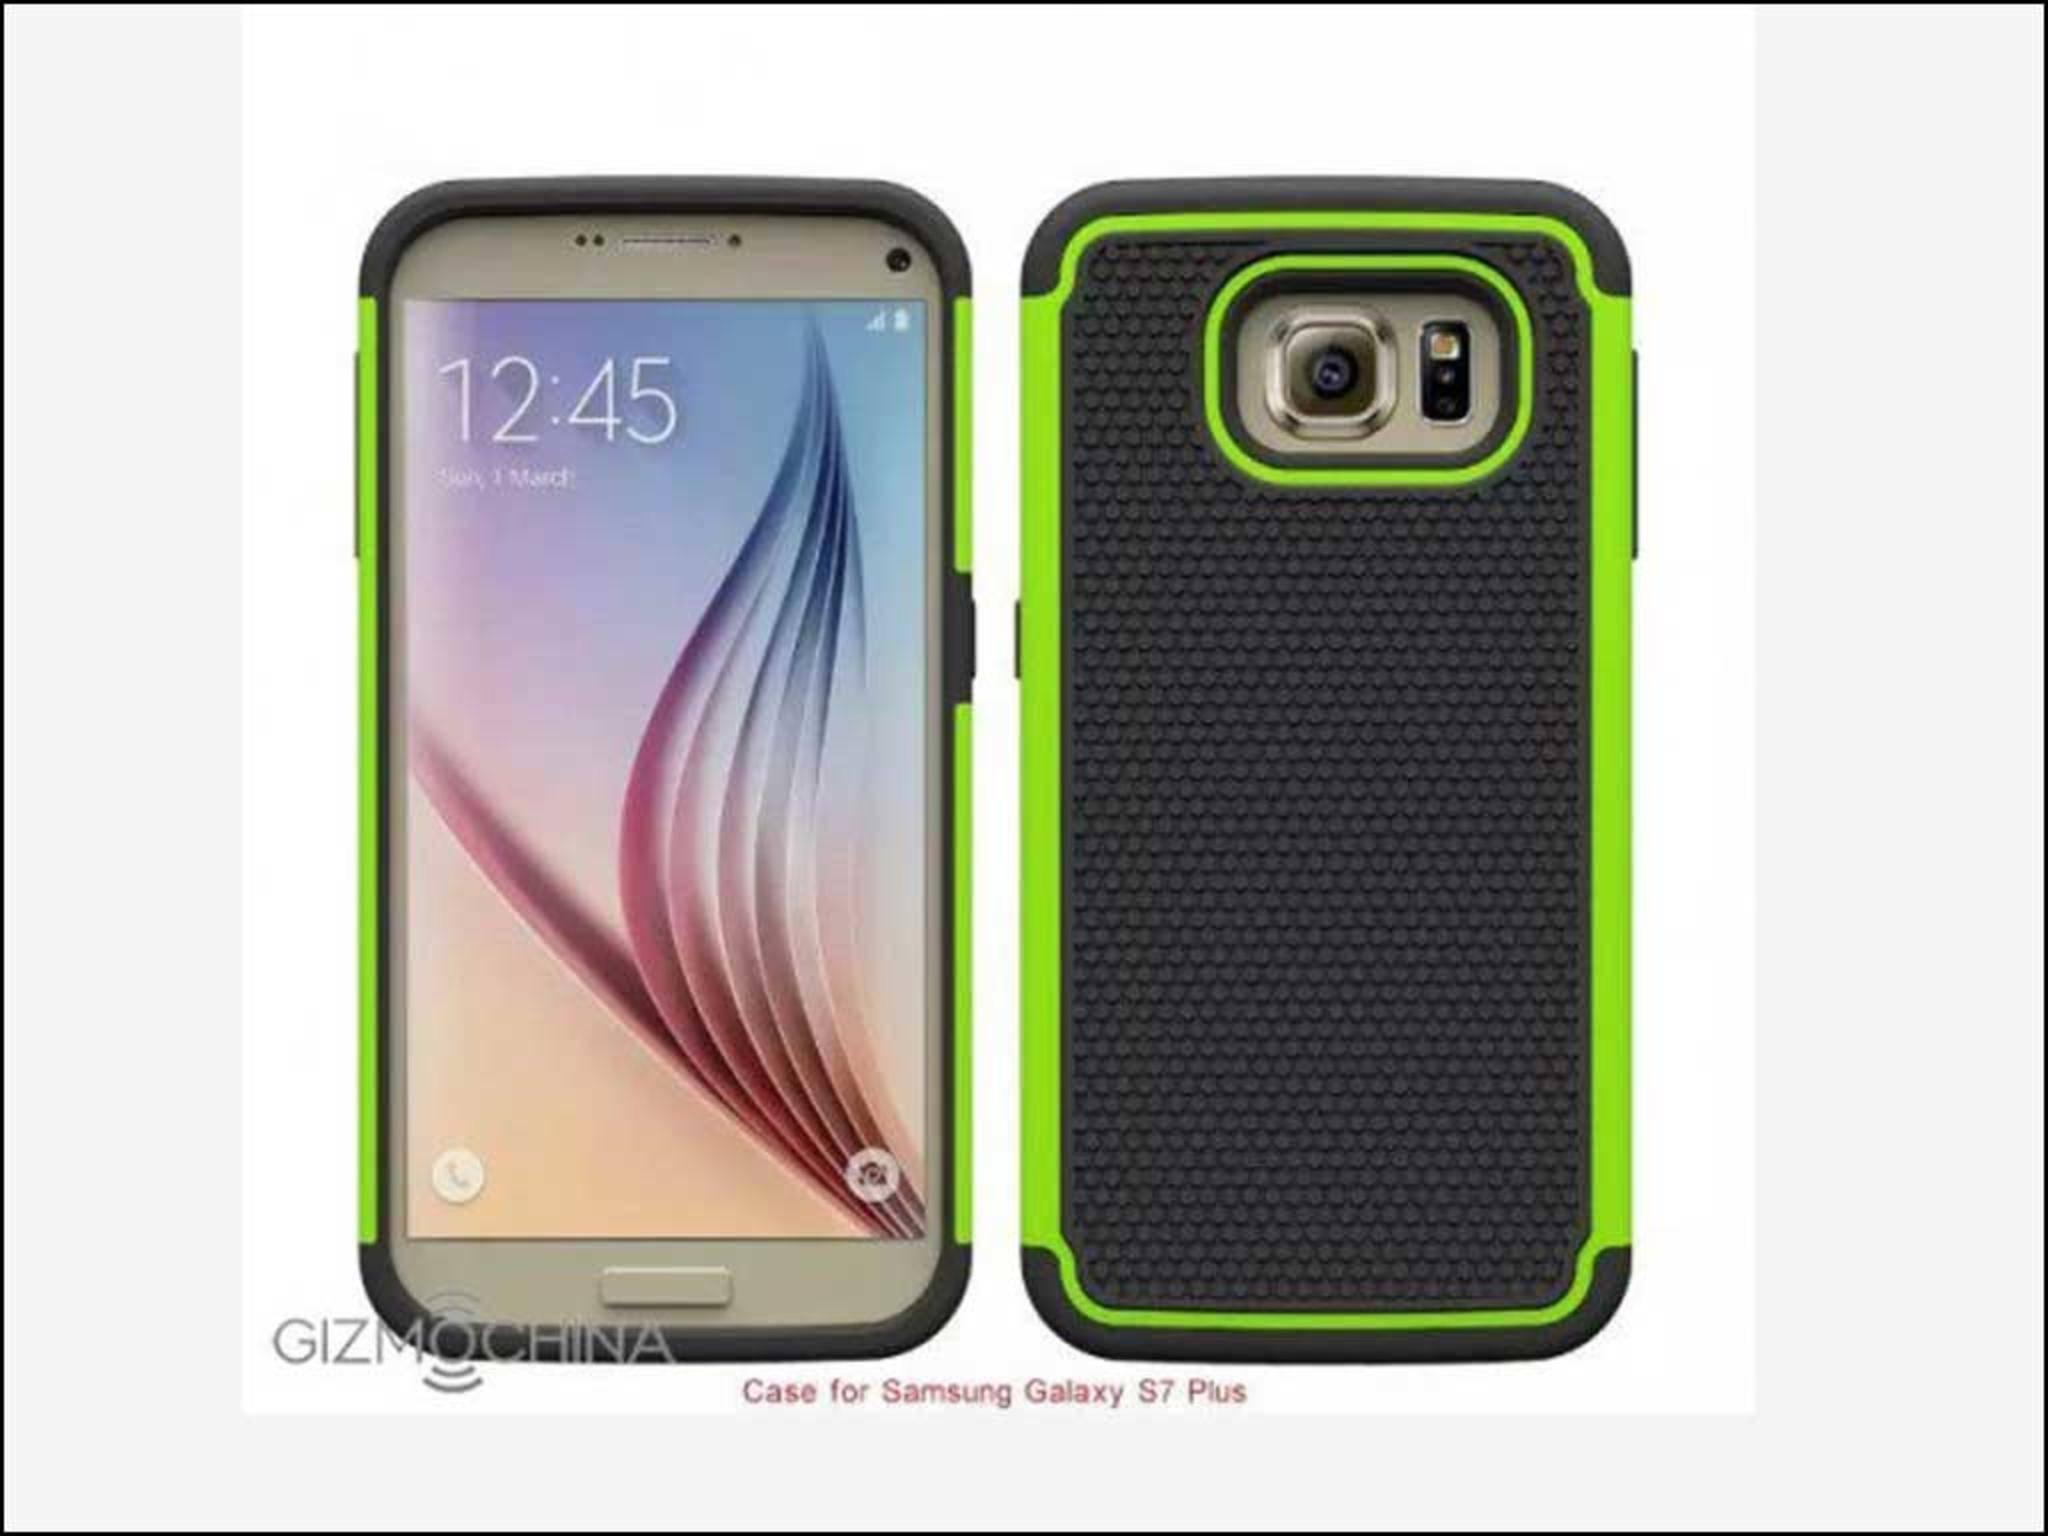 Das Samsung Galaxy S7 Case.